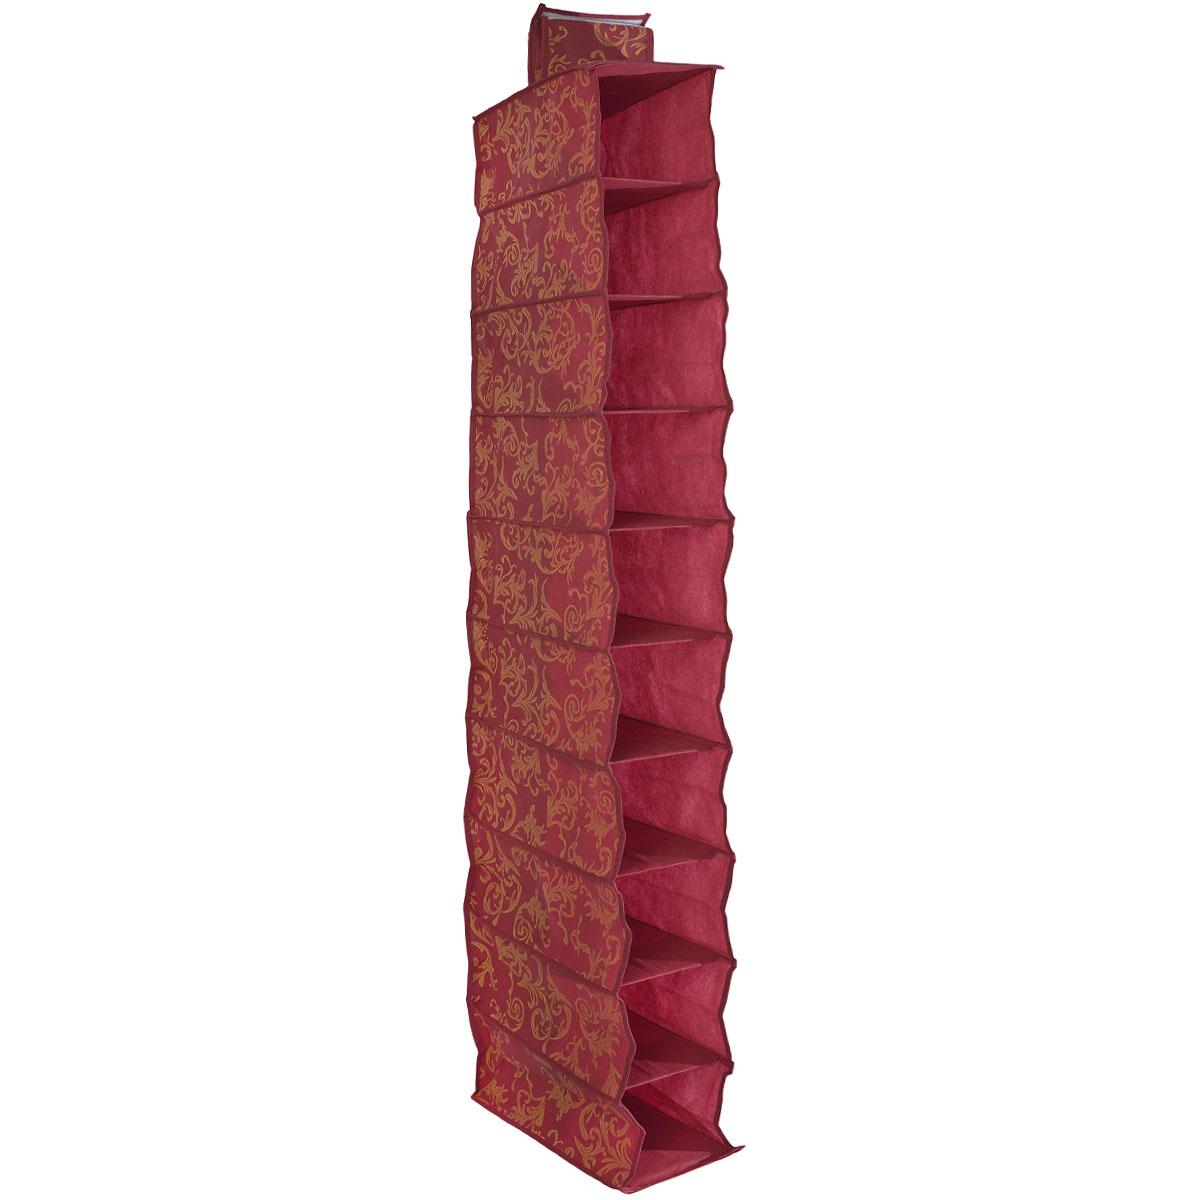 Кофр для хранения вещей Sima-land, подвесной, 10 отделений, 15 см х 30 см х 120 см. 862862